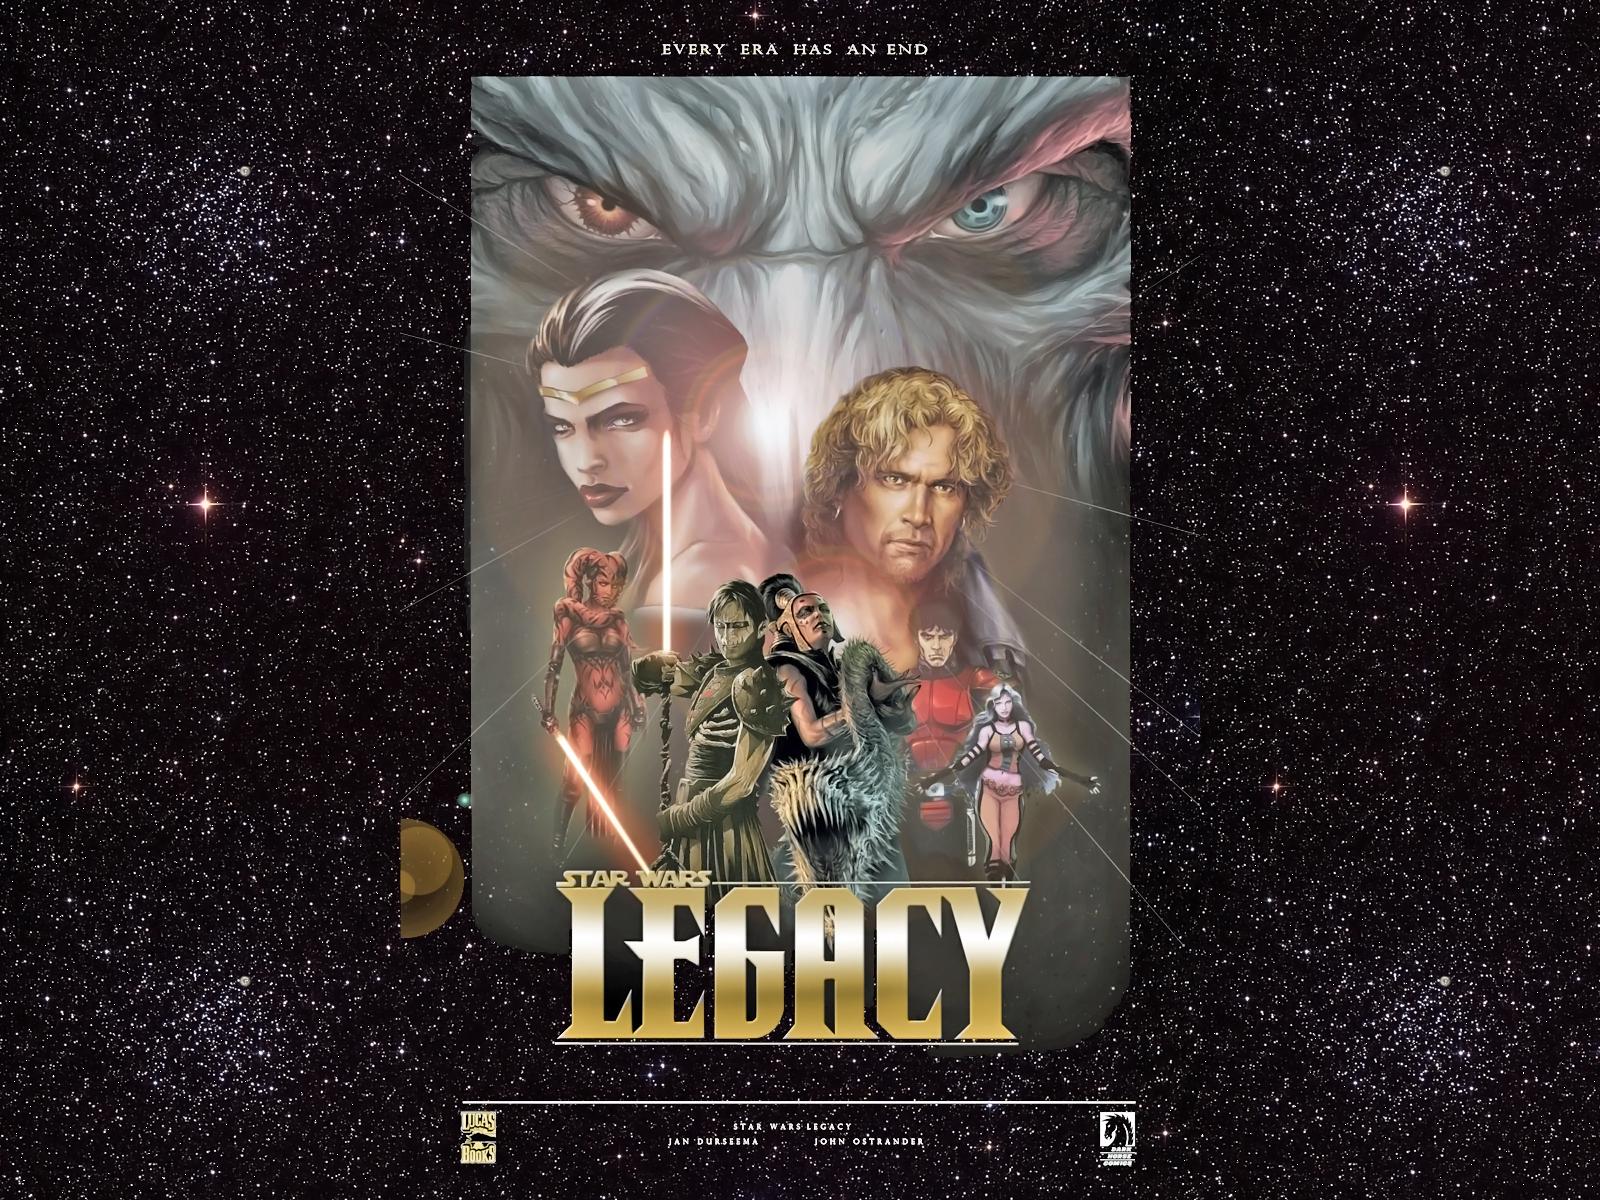 Star wars legacy wallpaper by swfan1977 on deviantart - Legacy wallpaper ...